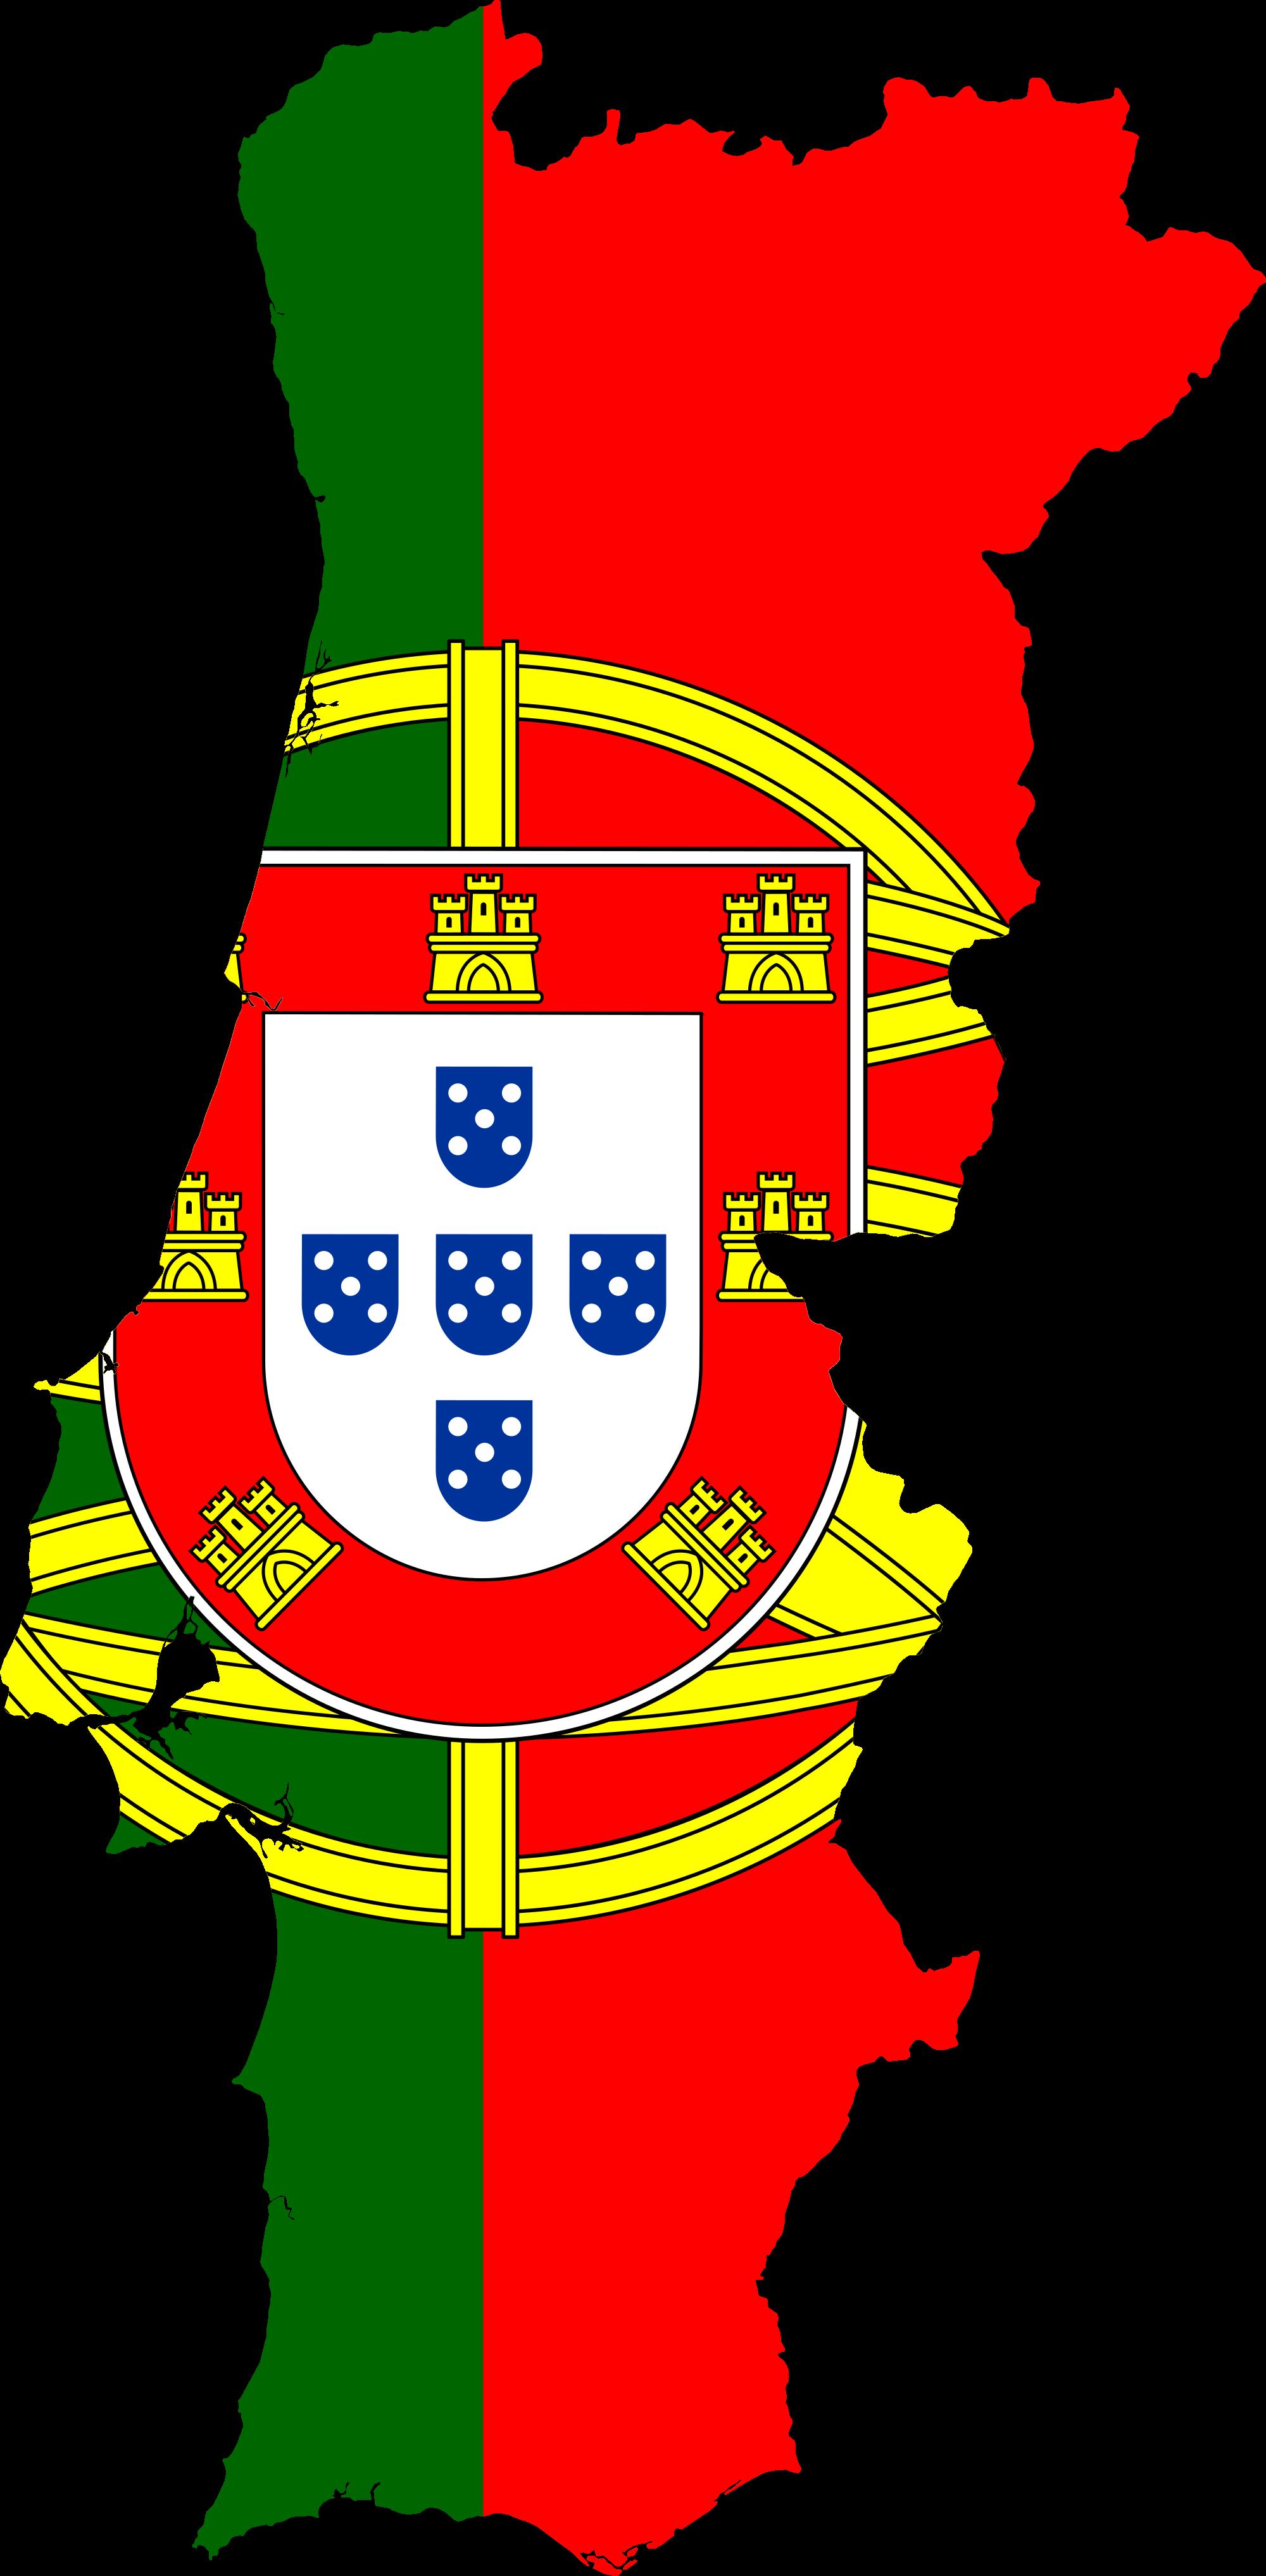 modelo de utilidad portugal